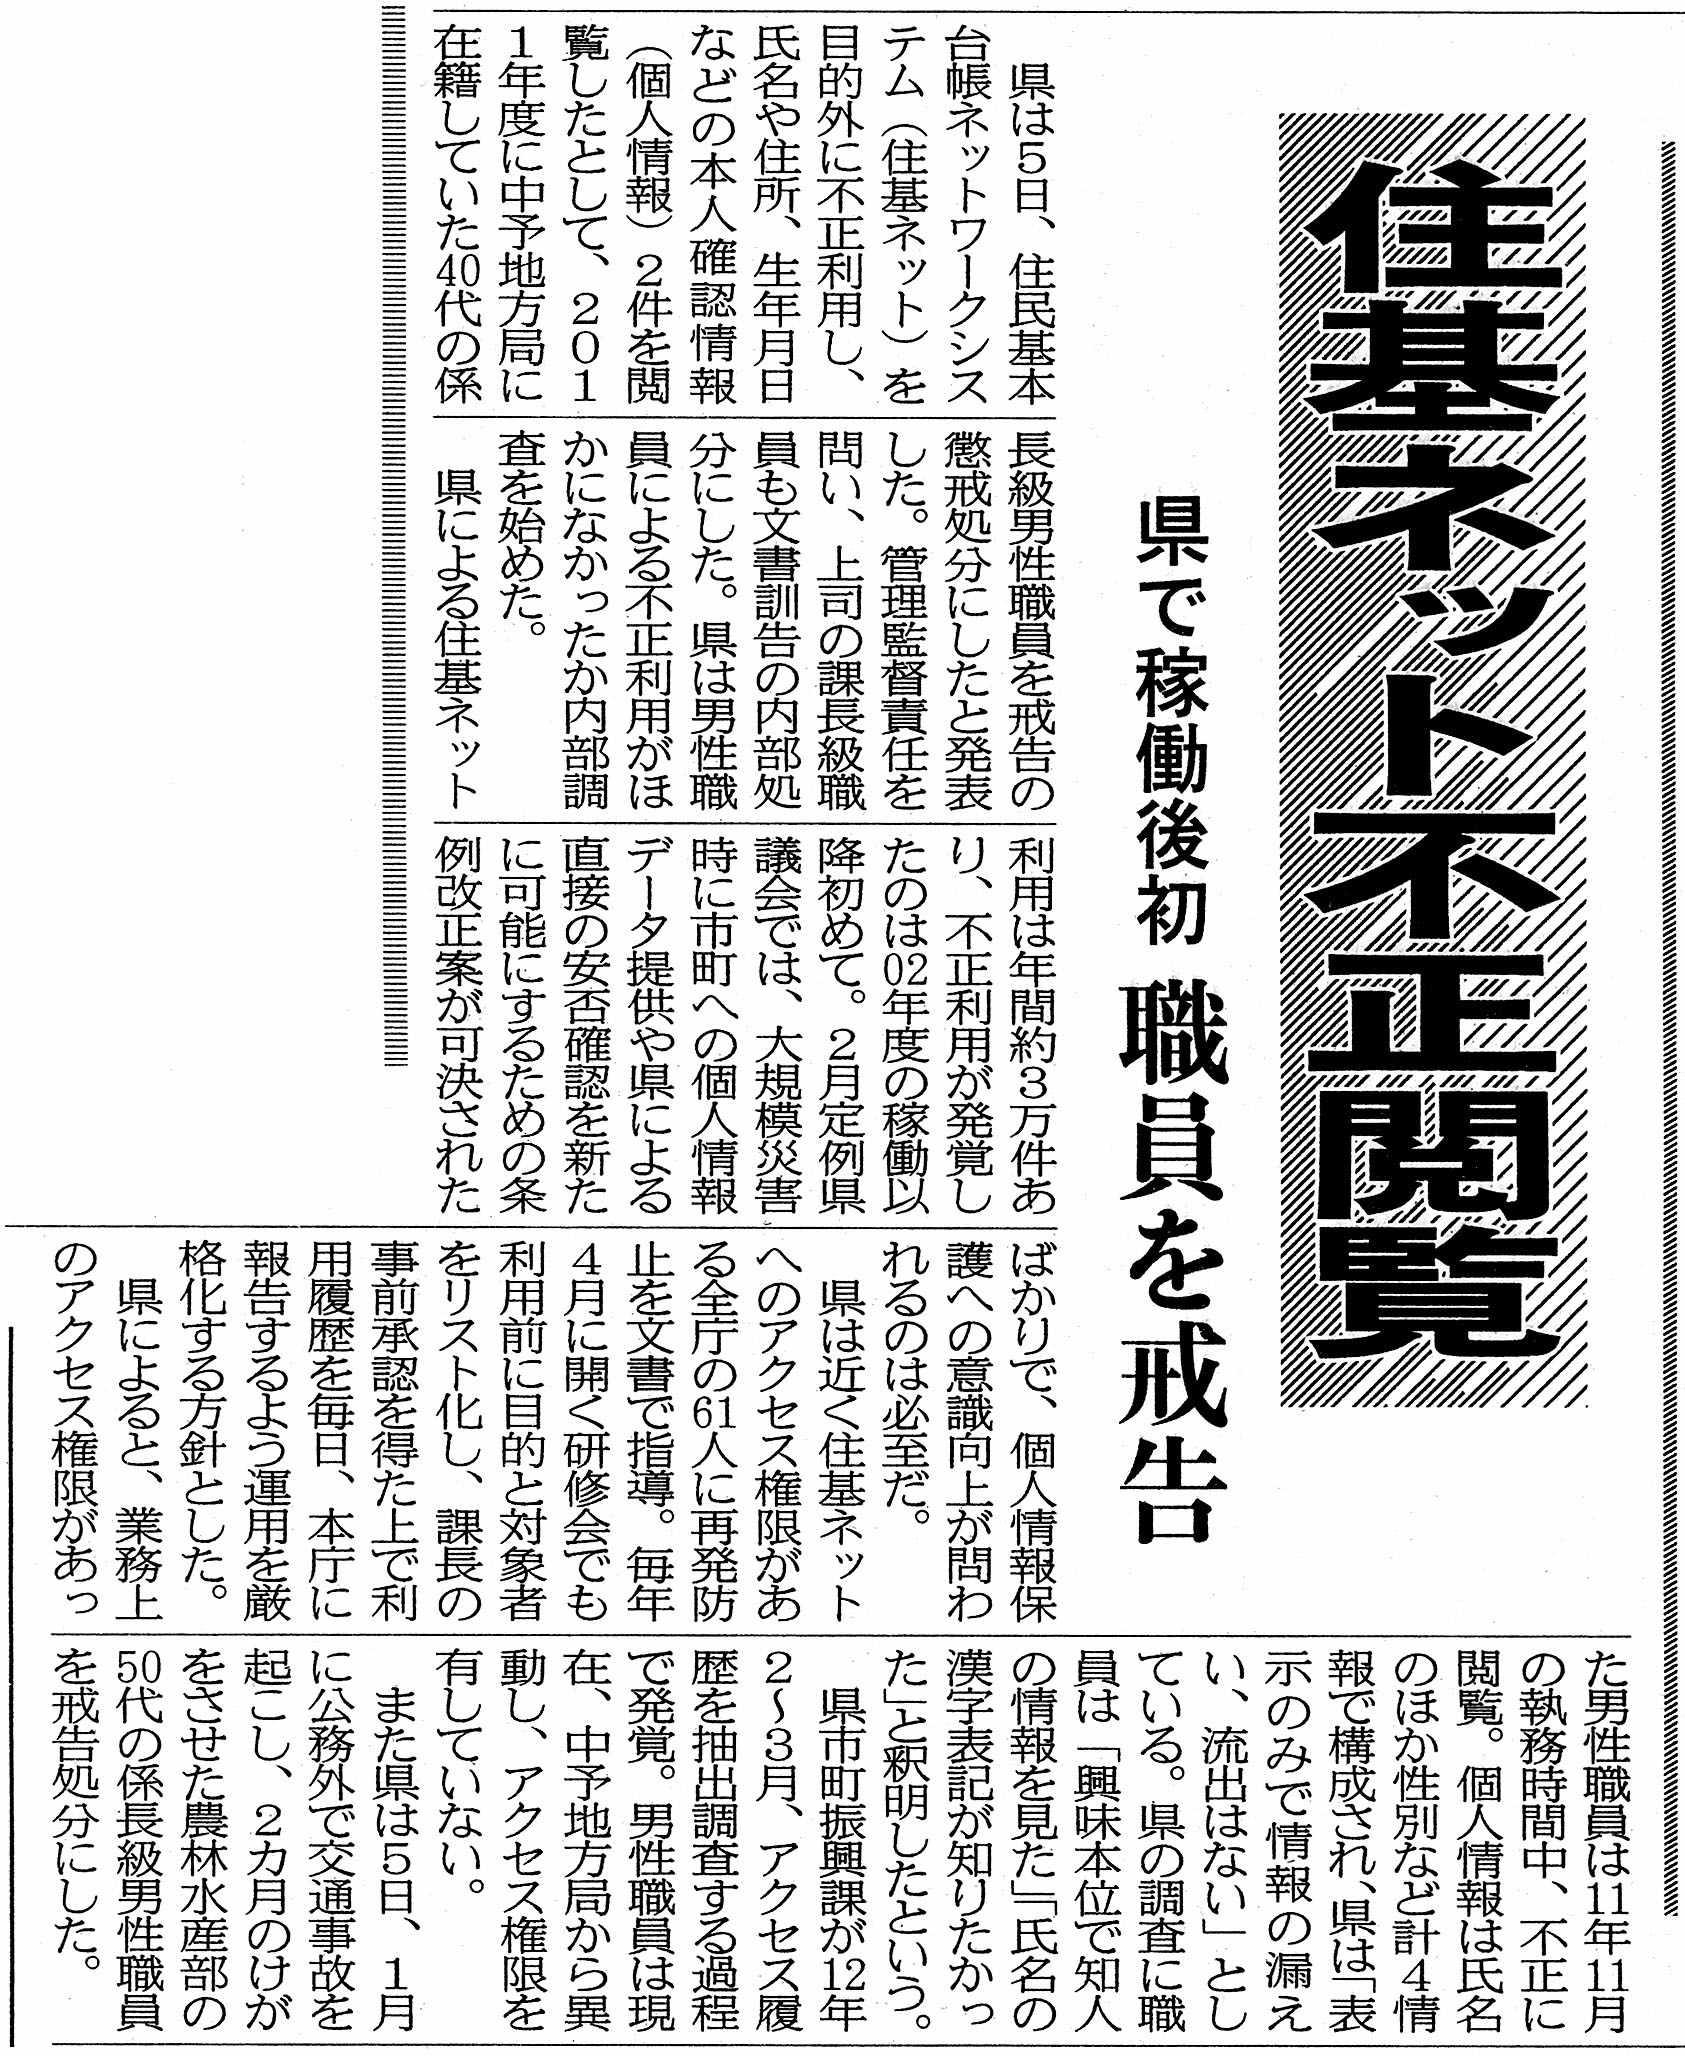 愛媛新聞・住基ネット